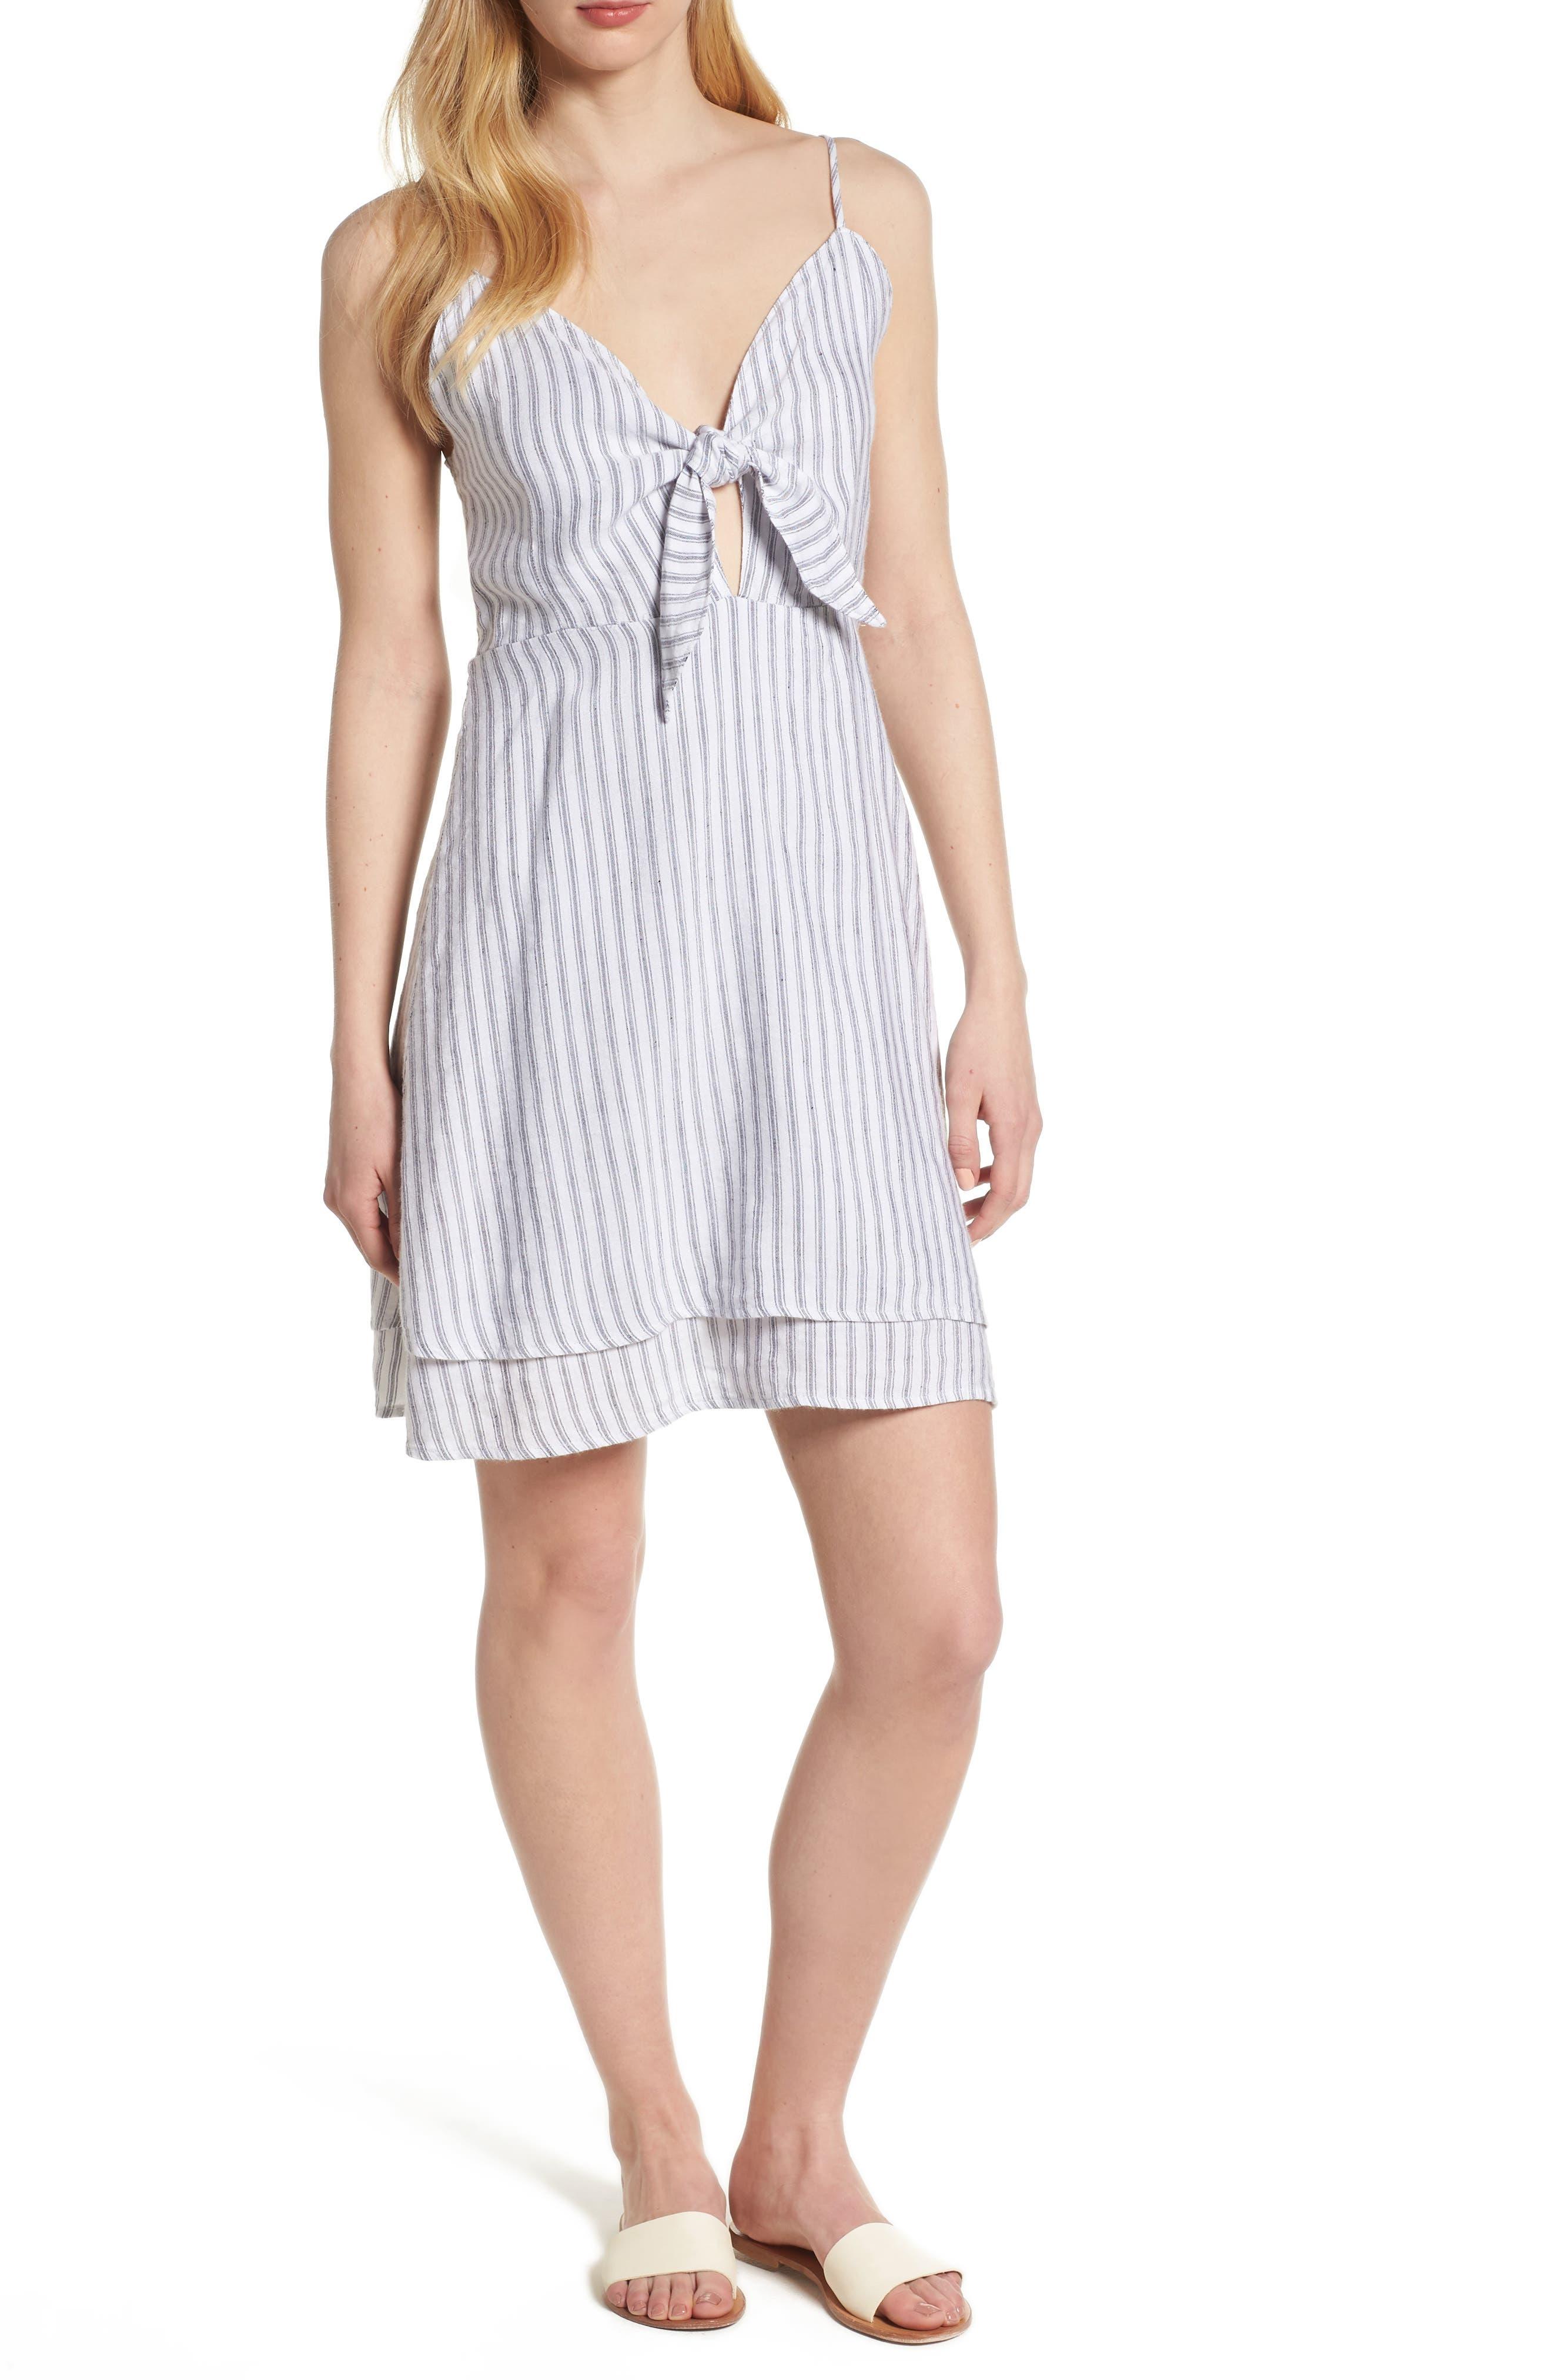 August Stripe Tie Front Dress,                             Main thumbnail 1, color,                             CANELA STRIPE